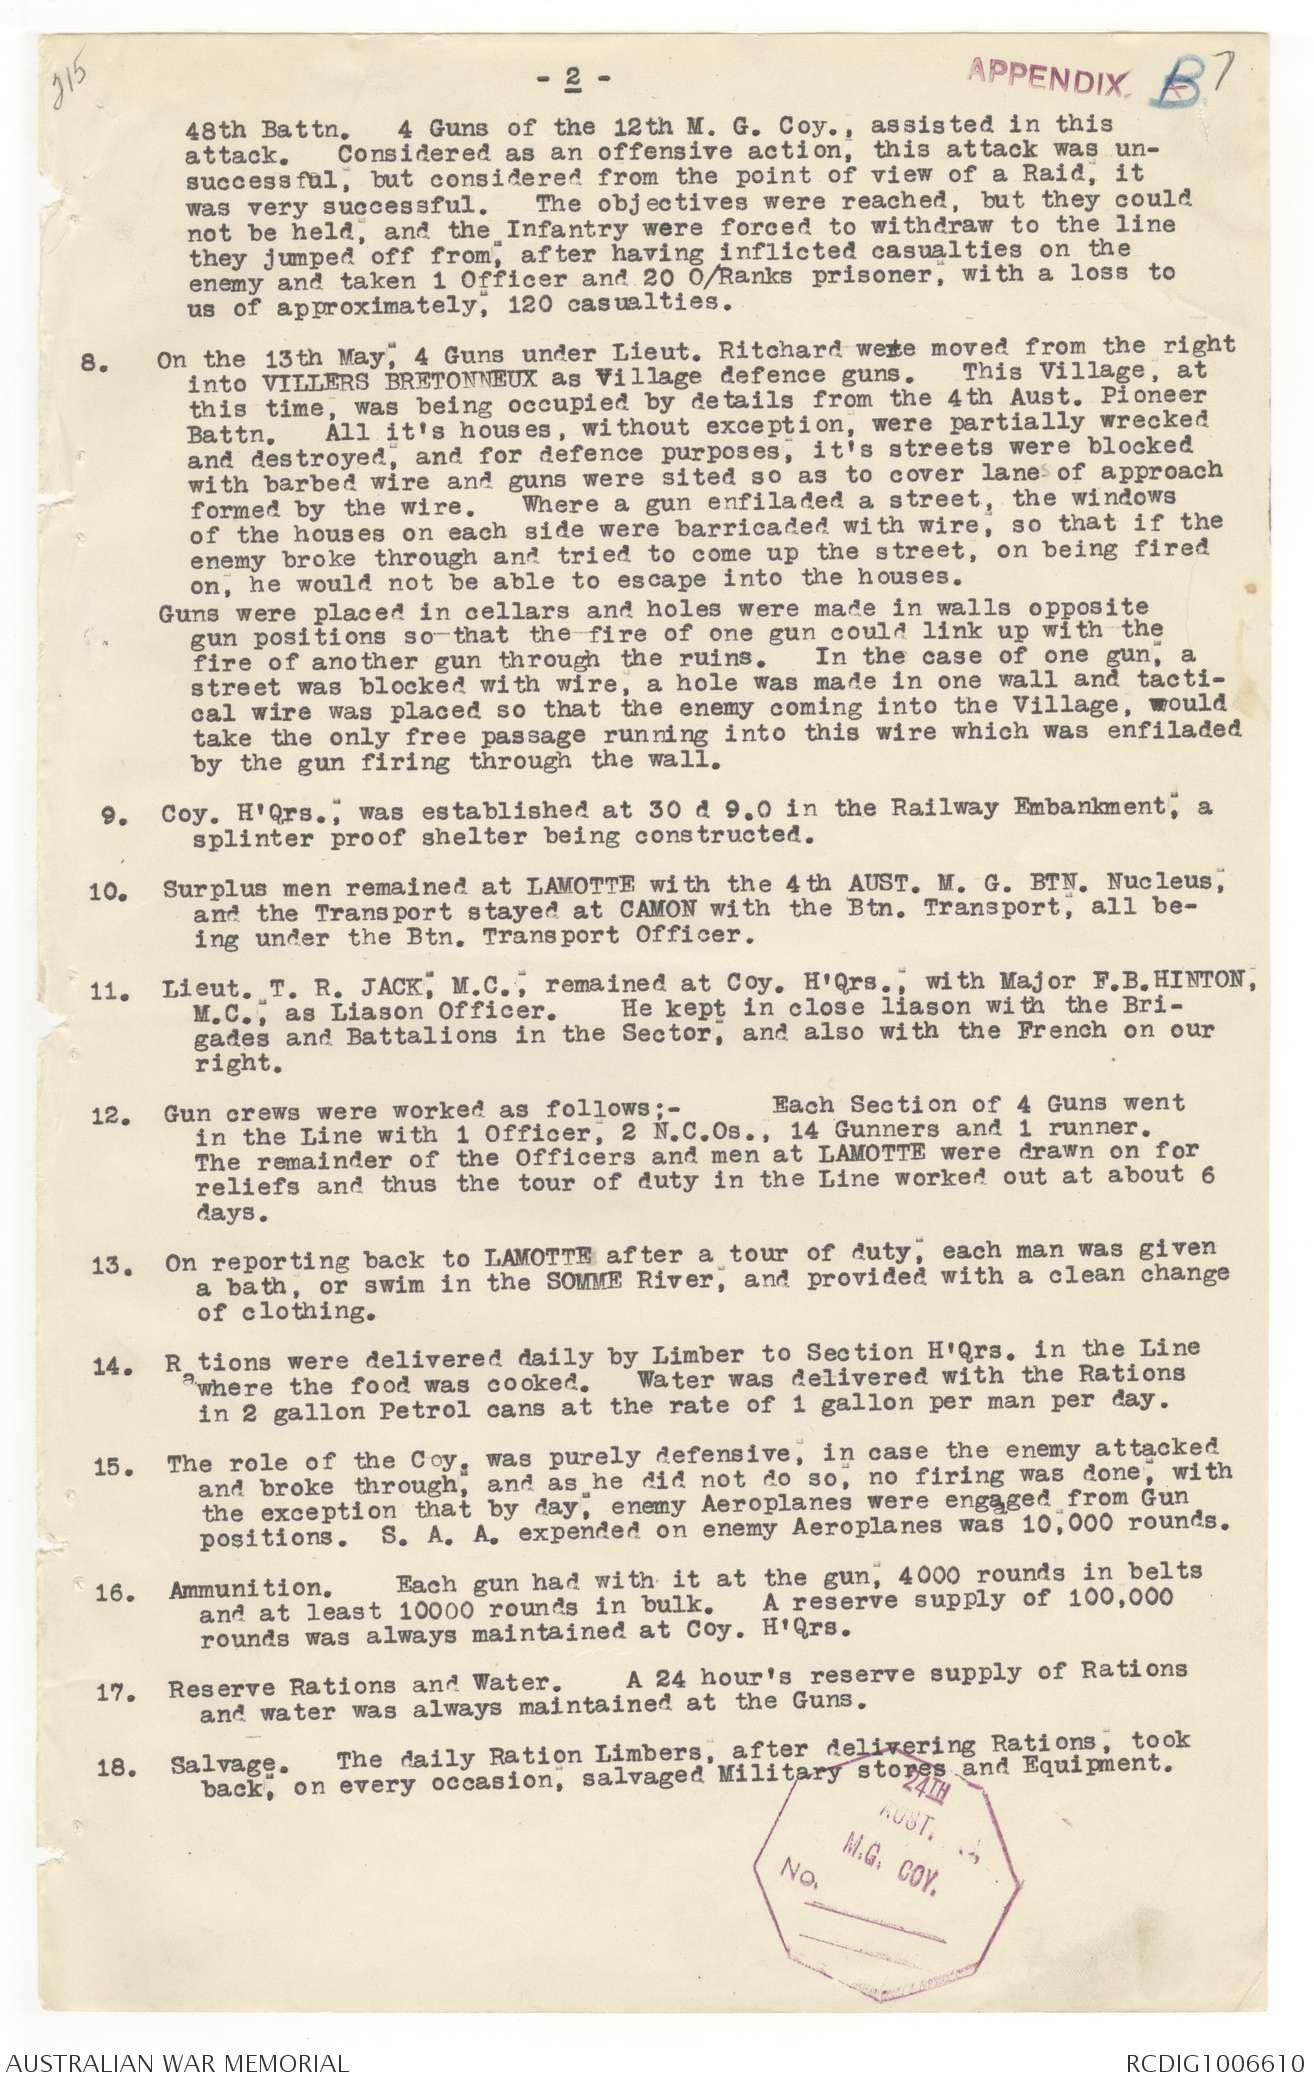 AWM4 24/24/9 - May 1918 | The Australian War Memorial